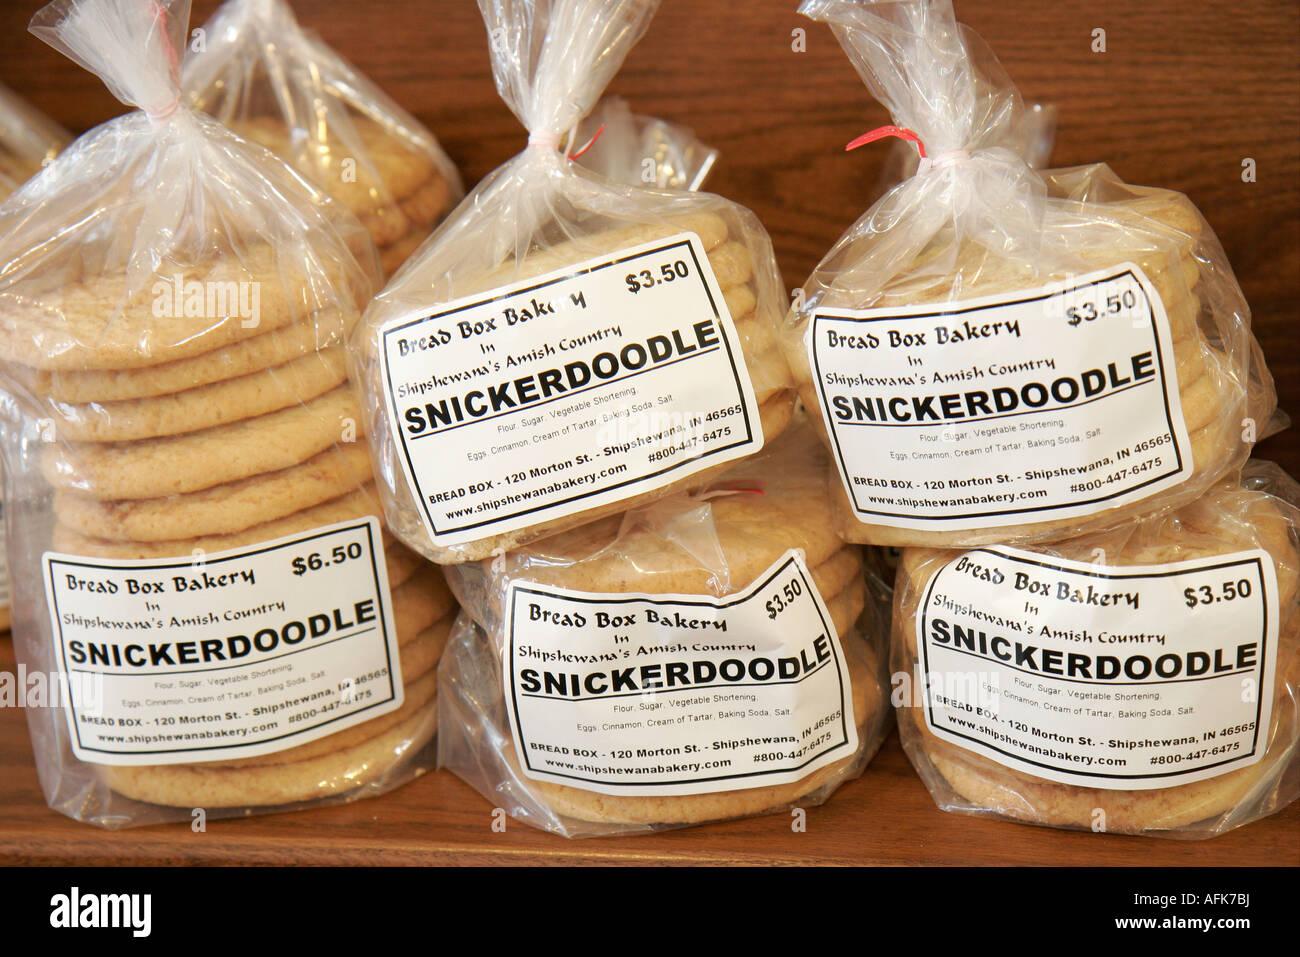 Indiana Shipshewana caja de Pan Panadería y Cafetería snickerdoodle Amish  cookie Imagen De Stock bbcb3a19f7e